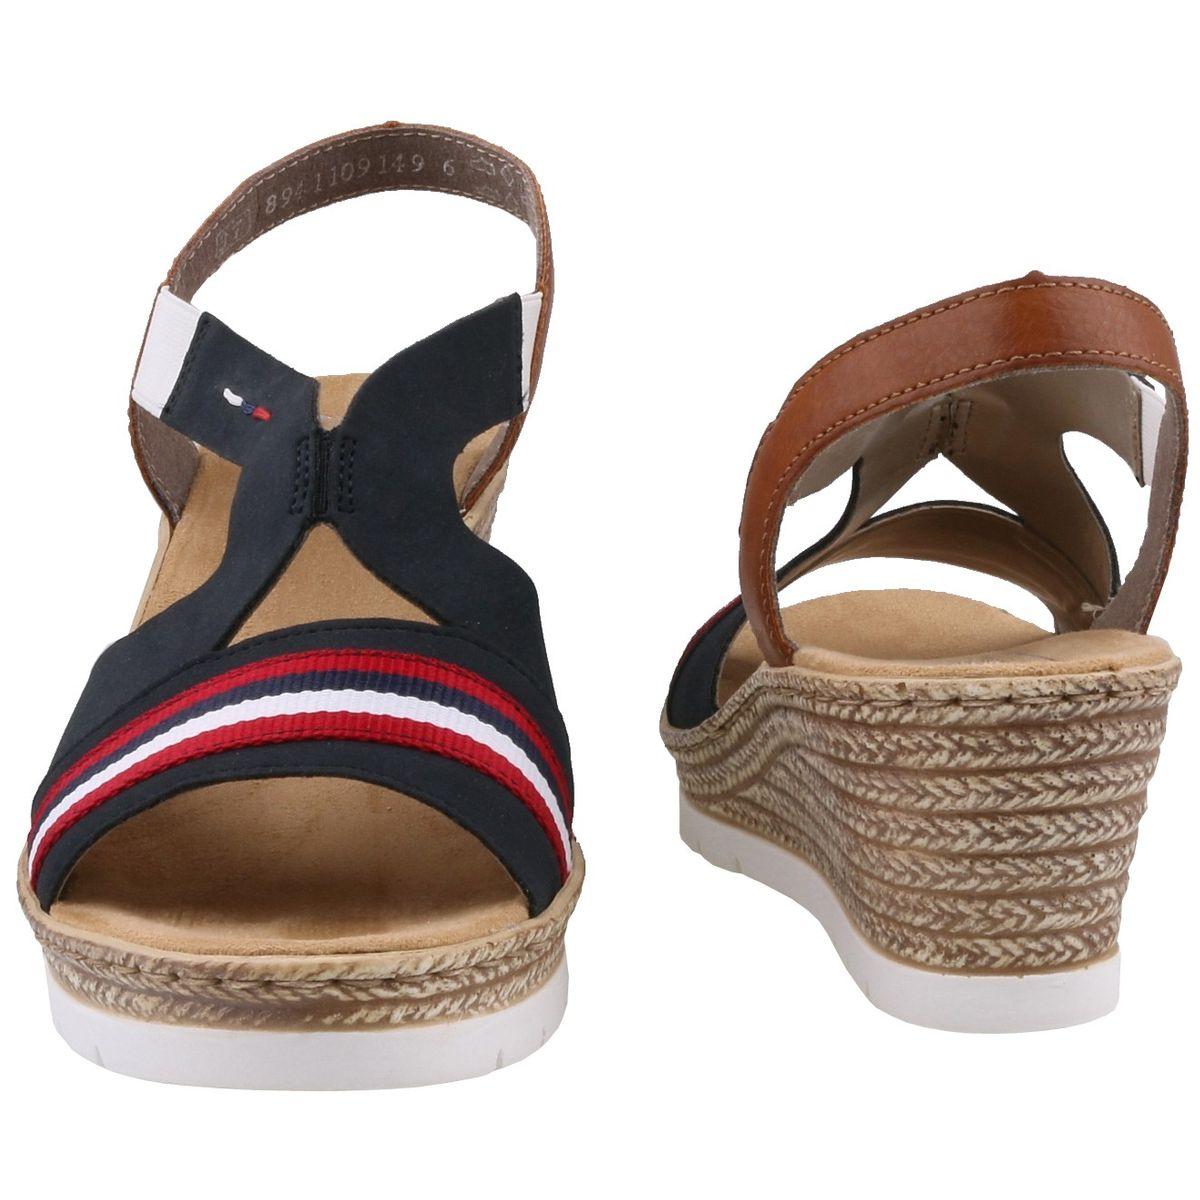 Rieker Damen Keil Sandaletten BlauRotWeiß   Trendbereich